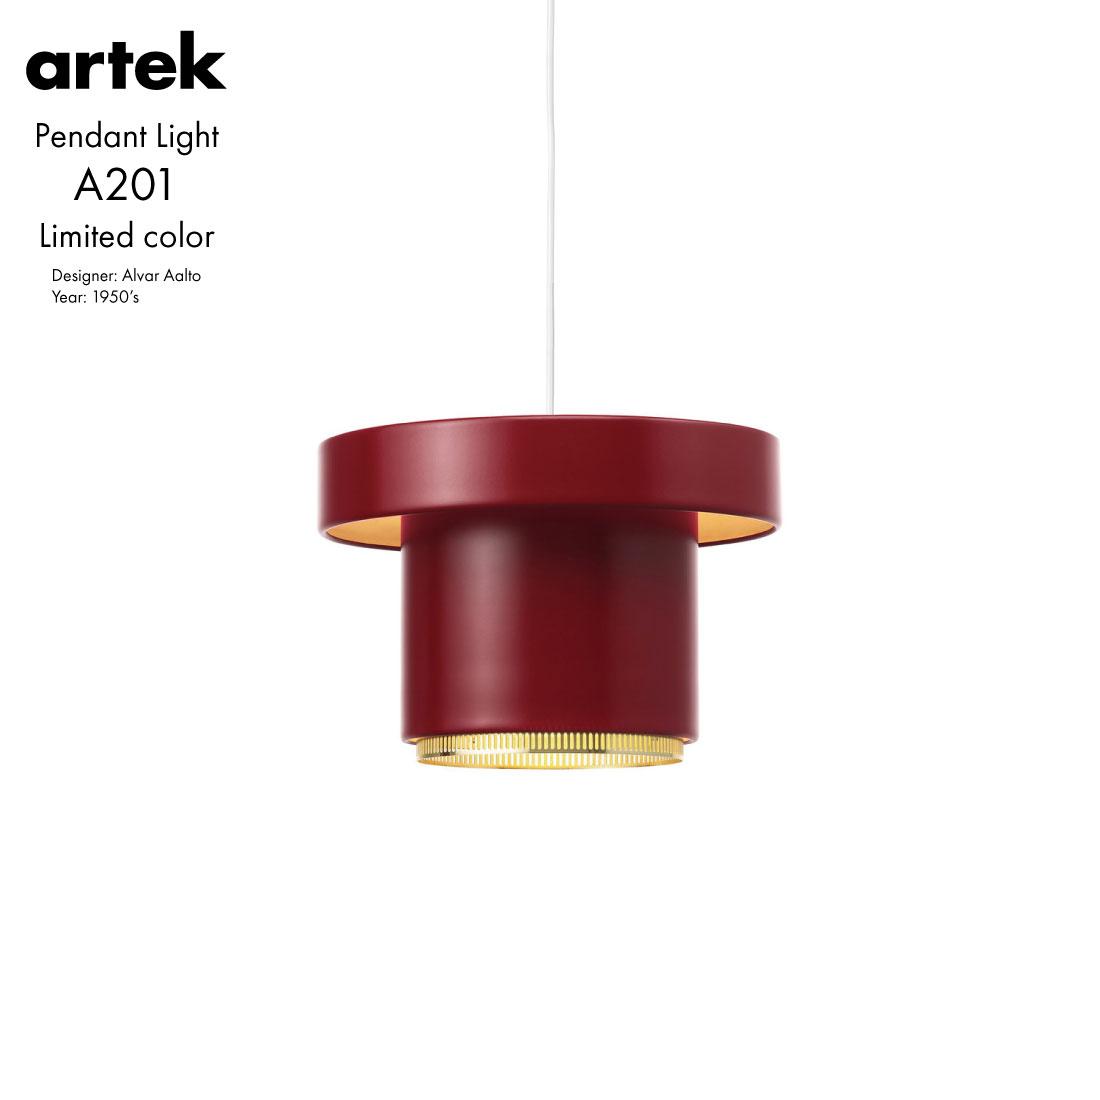 【artek/アルテック】Pendant Light A201 限定色Alvar Aalto/アルヴァ・アアルト/北欧/ペンダントランプ/照明/ライティング/